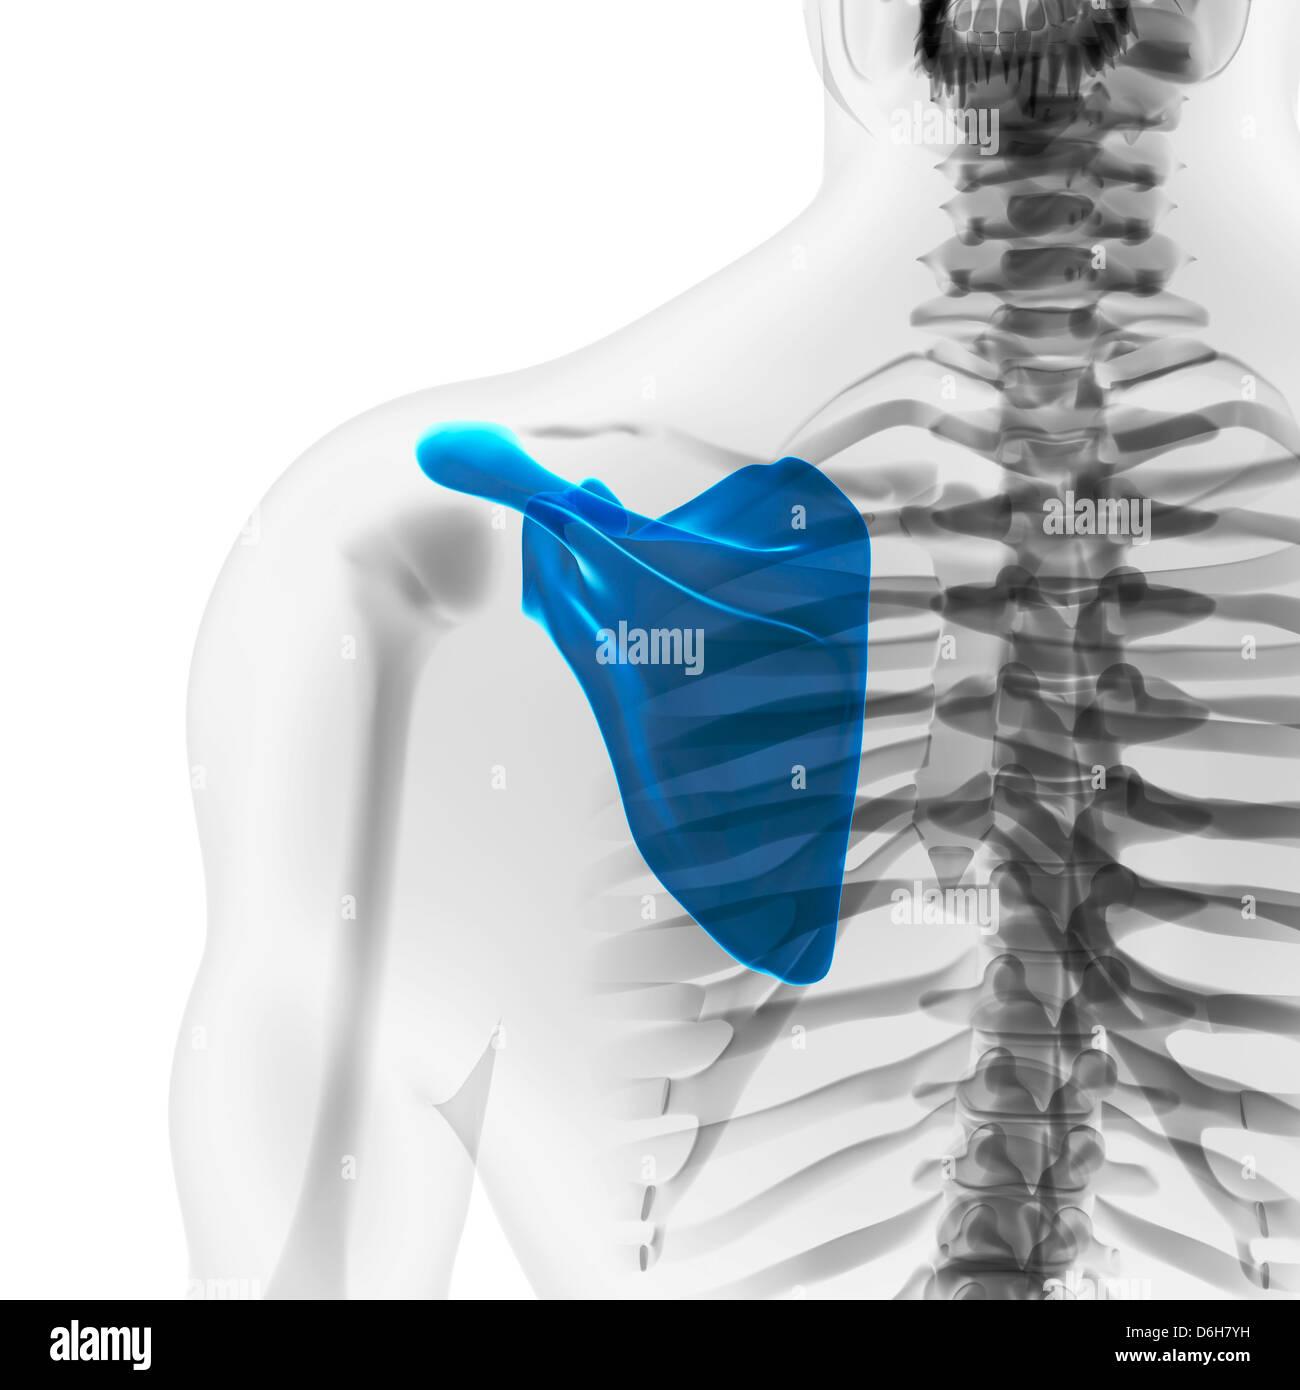 Scapula Bone Shoulder Blade Stock Photos & Scapula Bone Shoulder ...